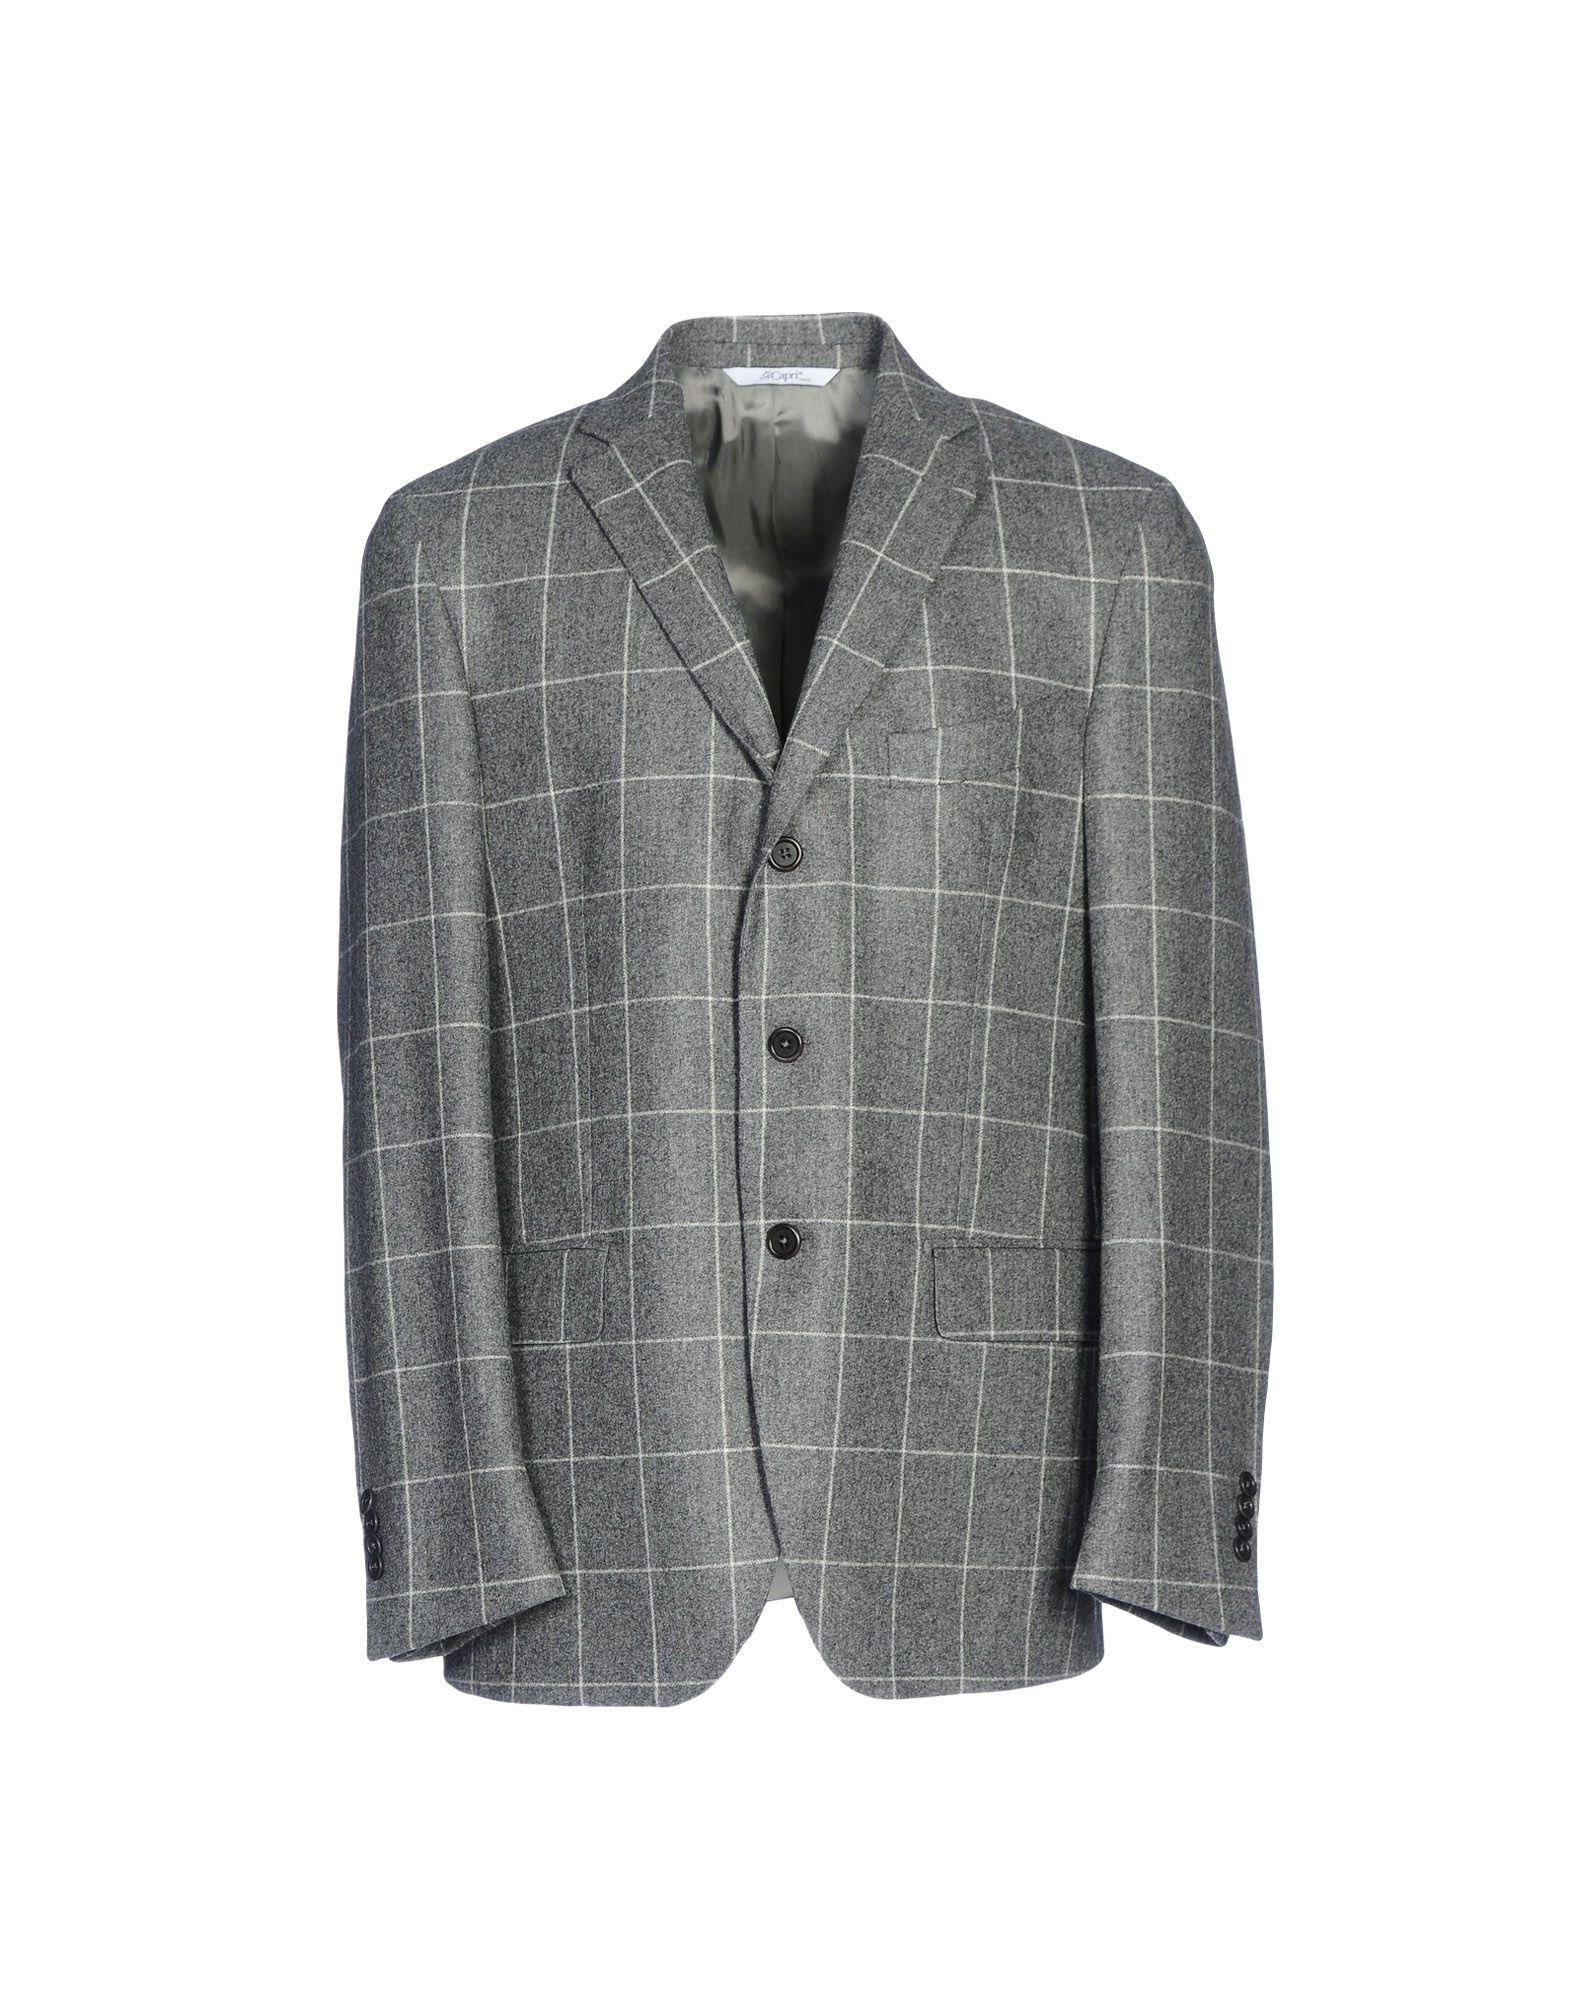 GI CAPRI Blazer in Grey